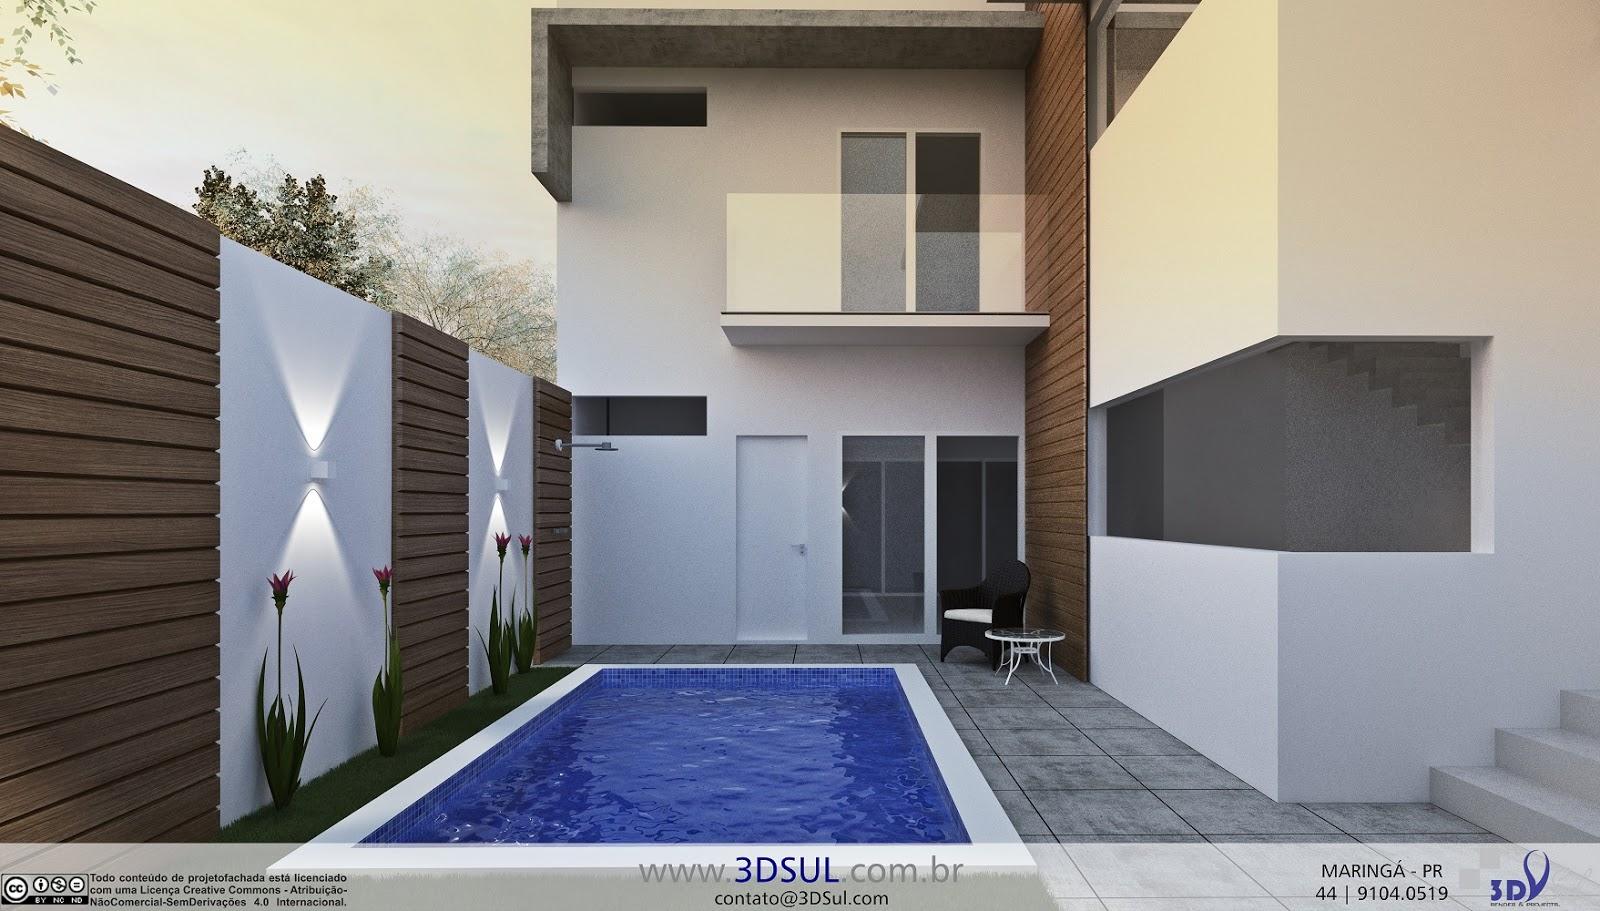 3dsul maquete eletr nica 3d projeto arquitetonico 3d for Crea casa 3d